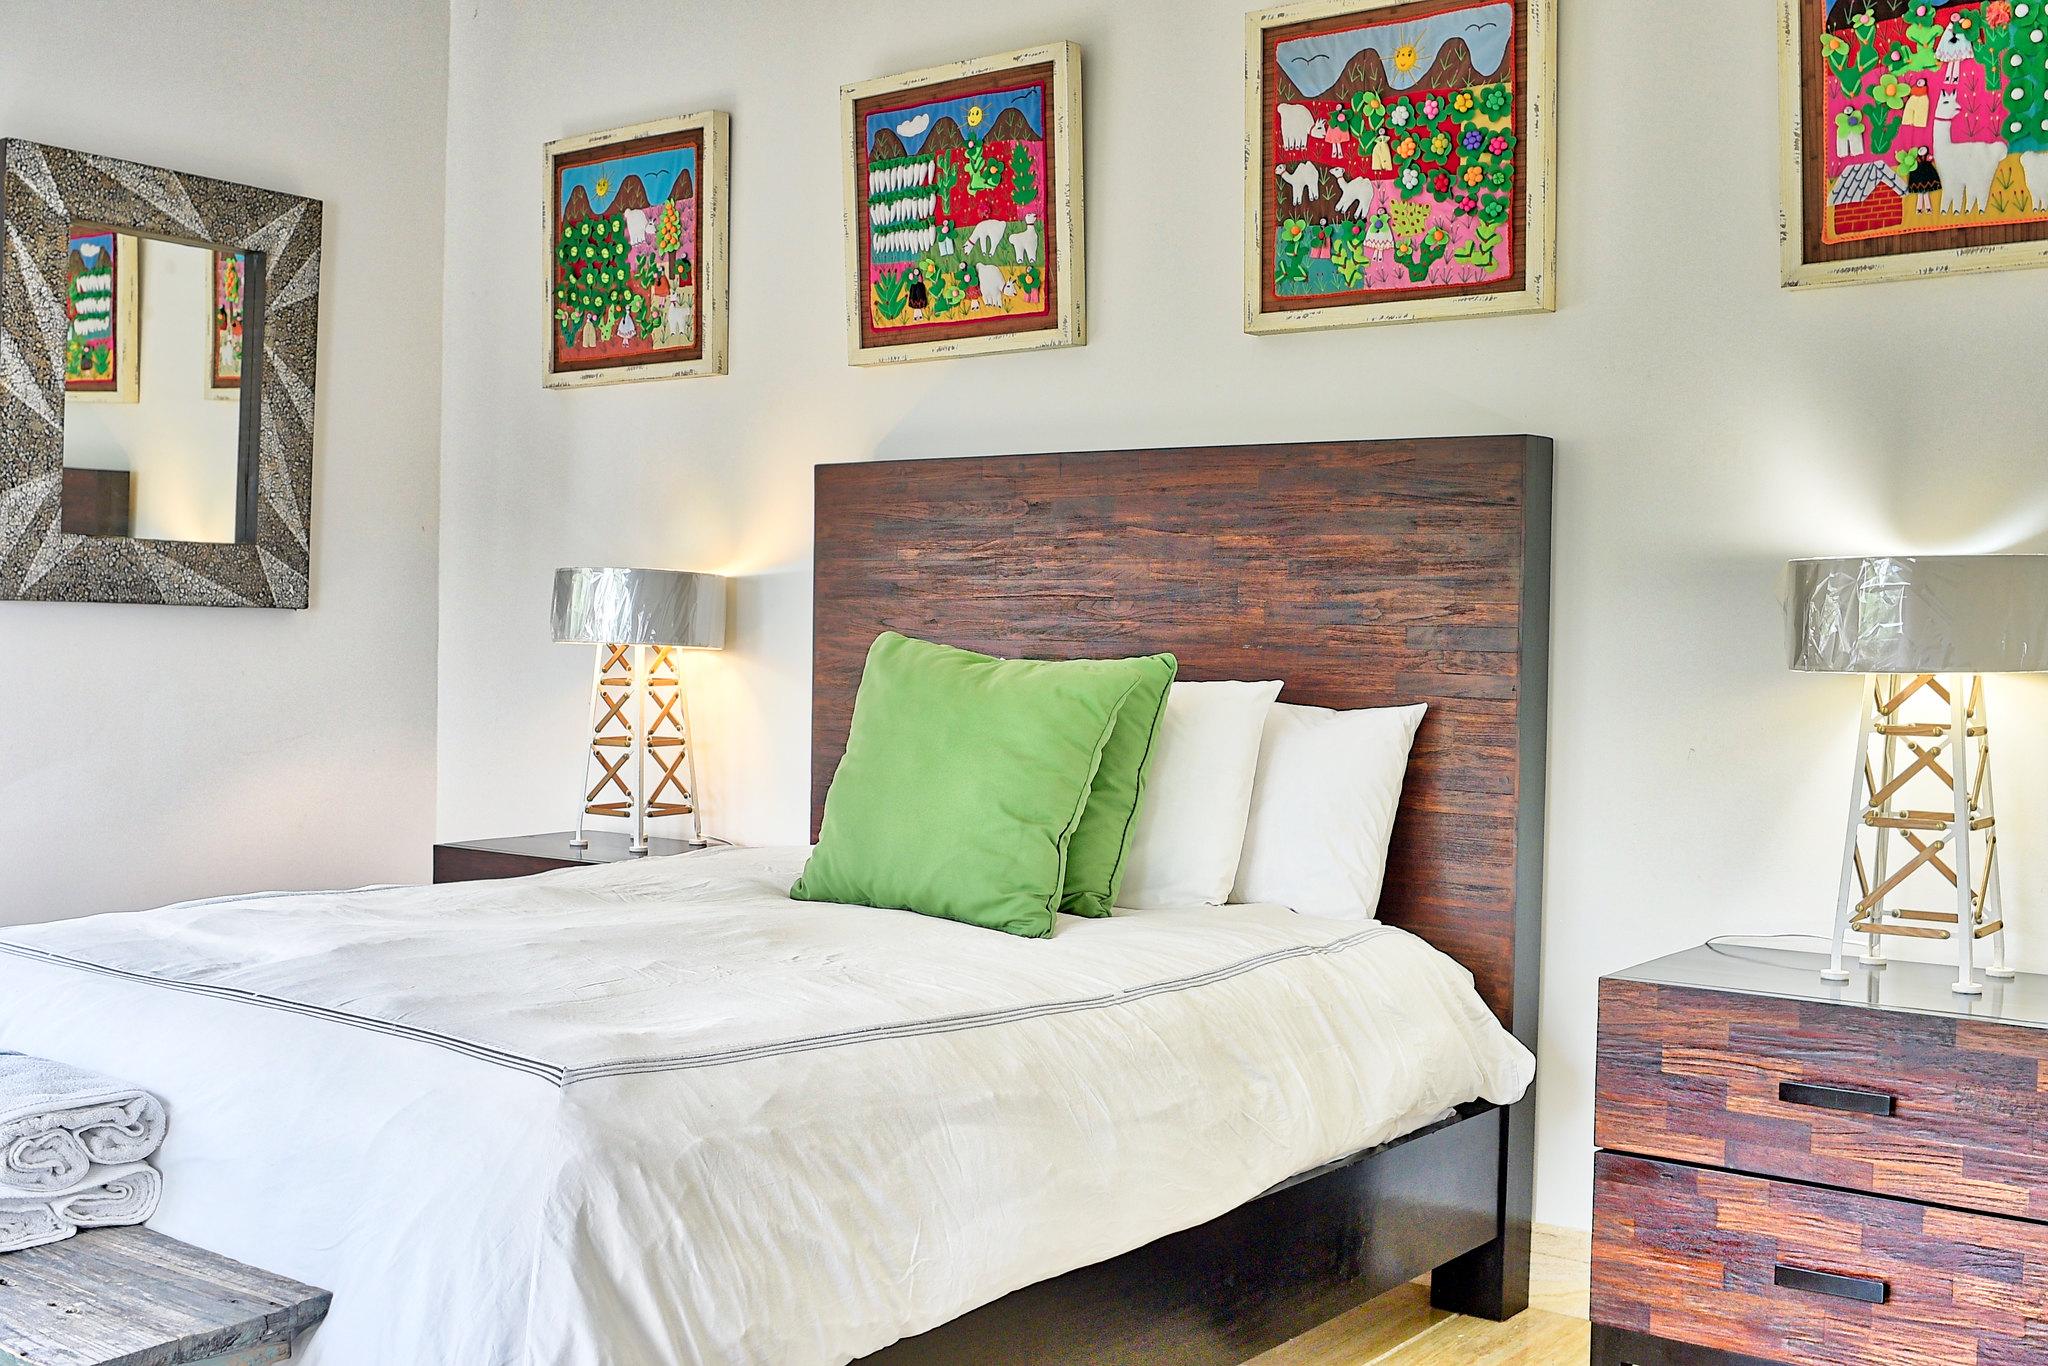 3 Bedroom Suites